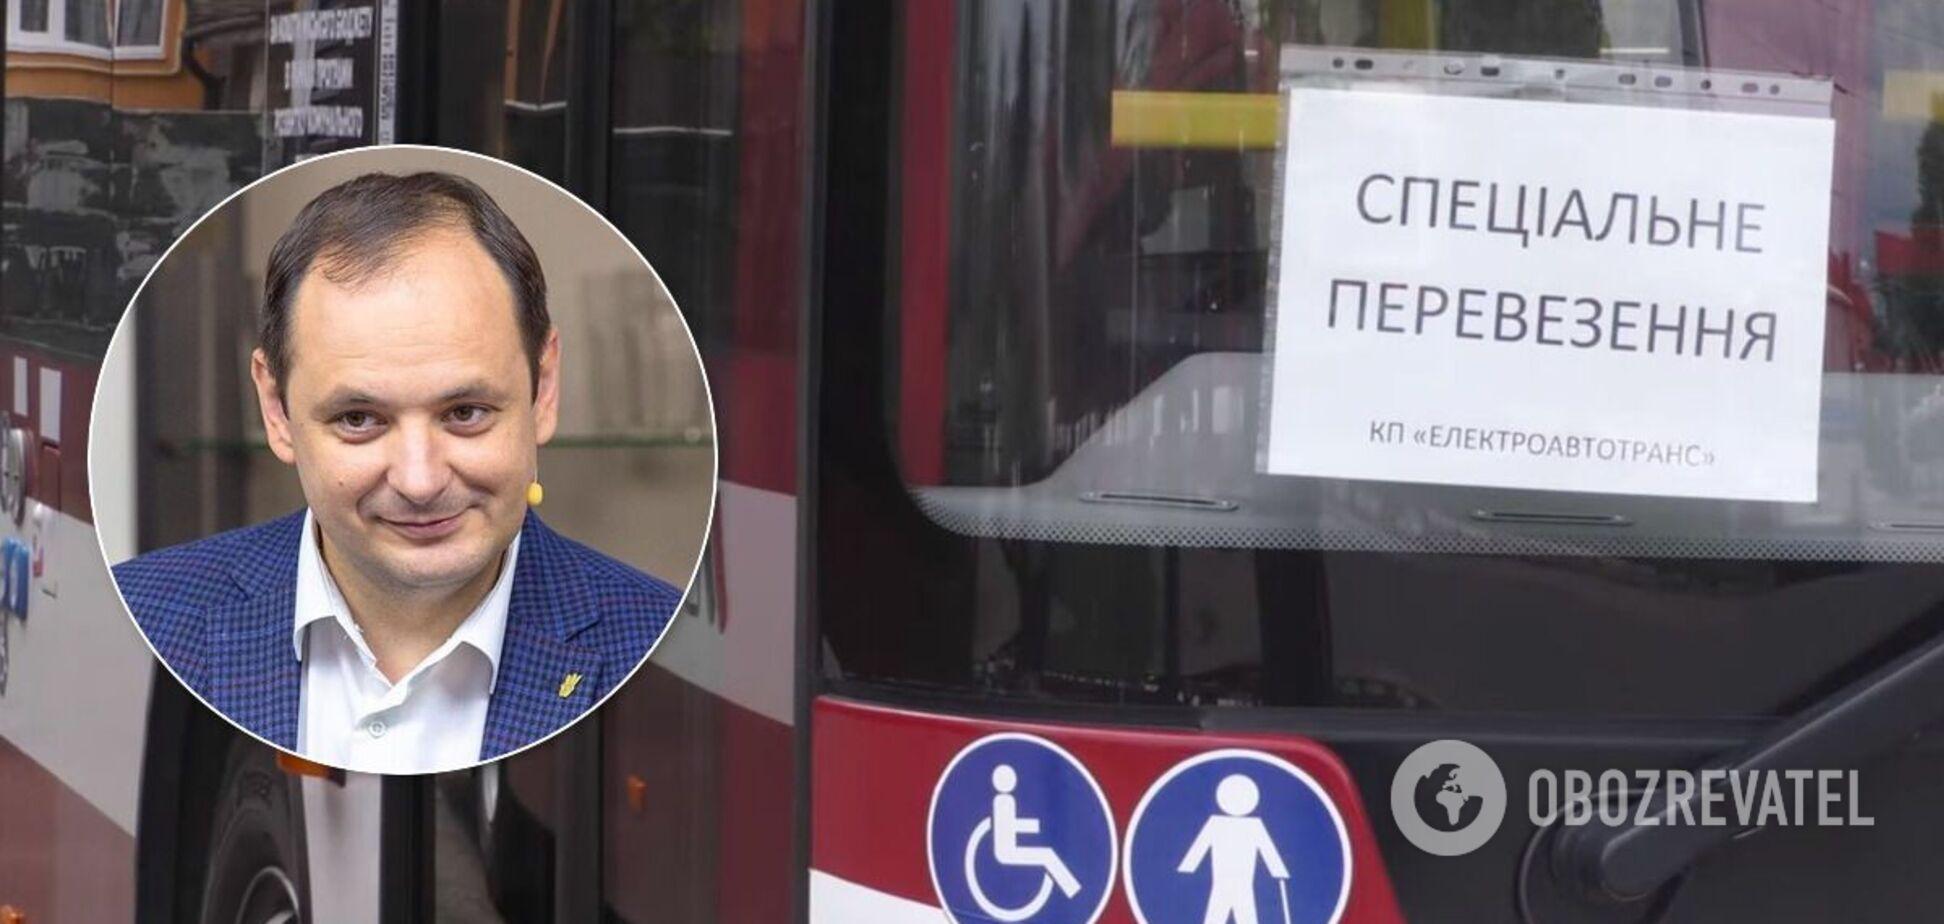 Мэр Ивано-Франковска Руслан Марцинкив